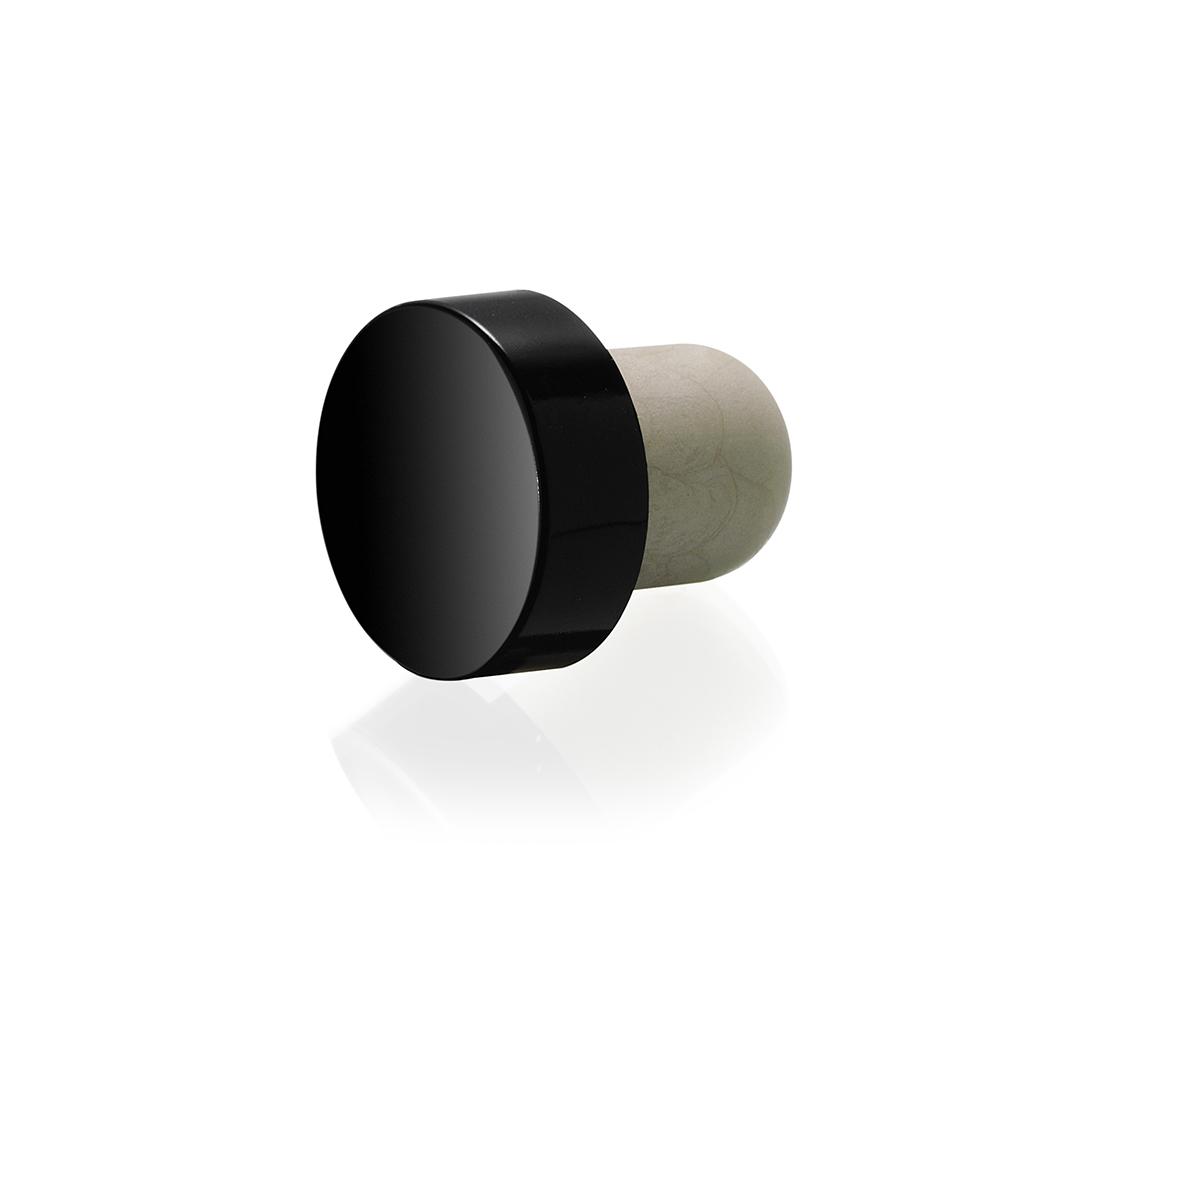 thetis pack πώμα με πλαστική κεφαλή plastic head synthetic cap